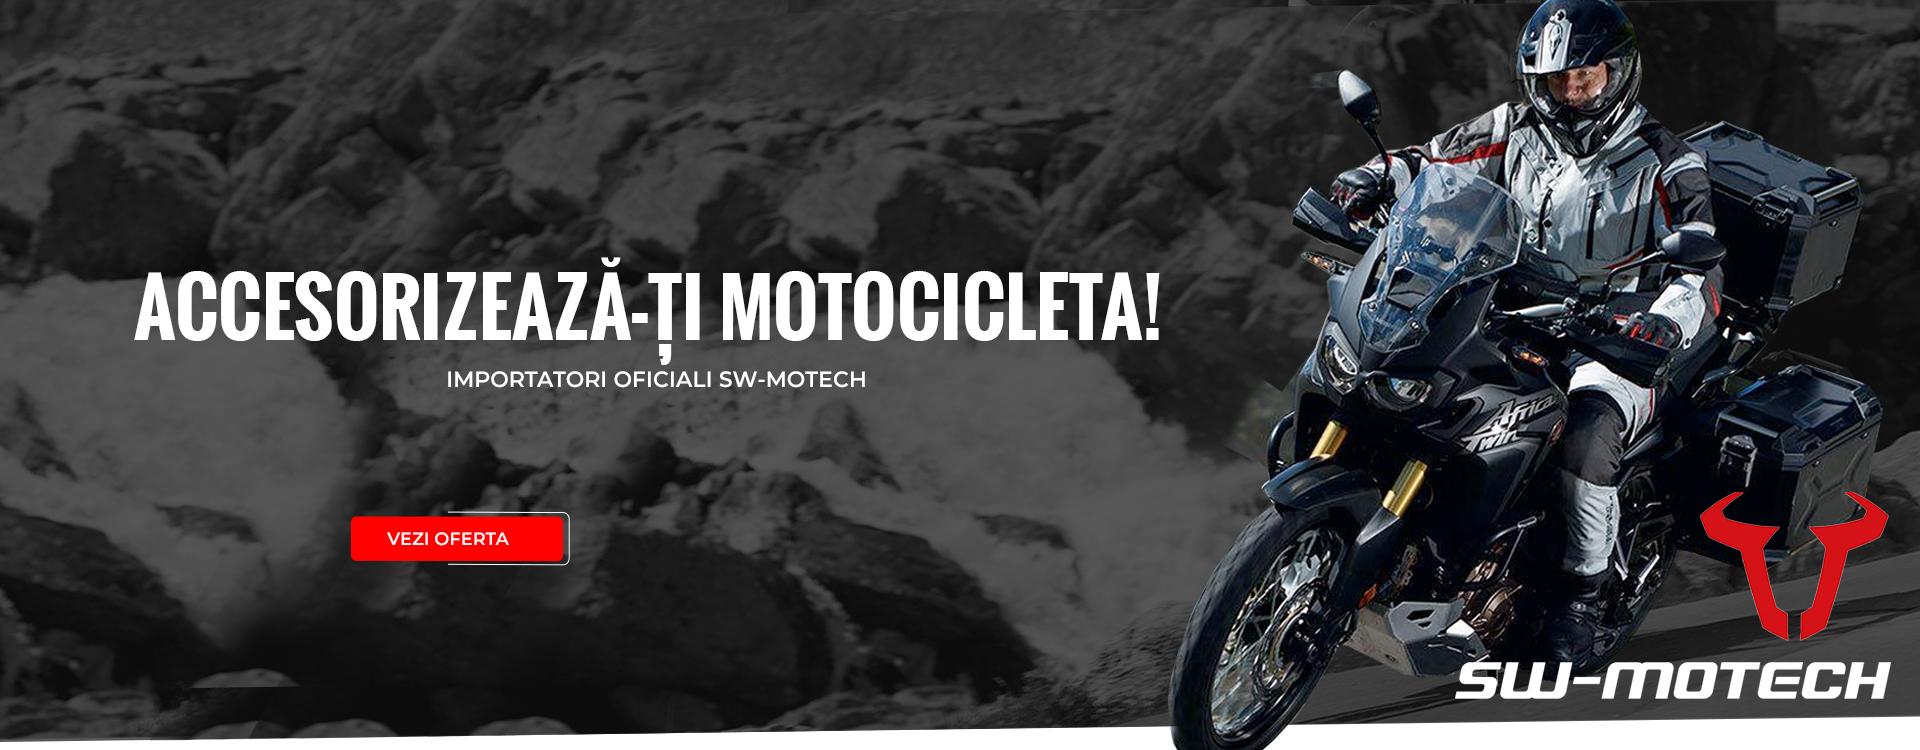 Accesorizează-ți motocicleta!